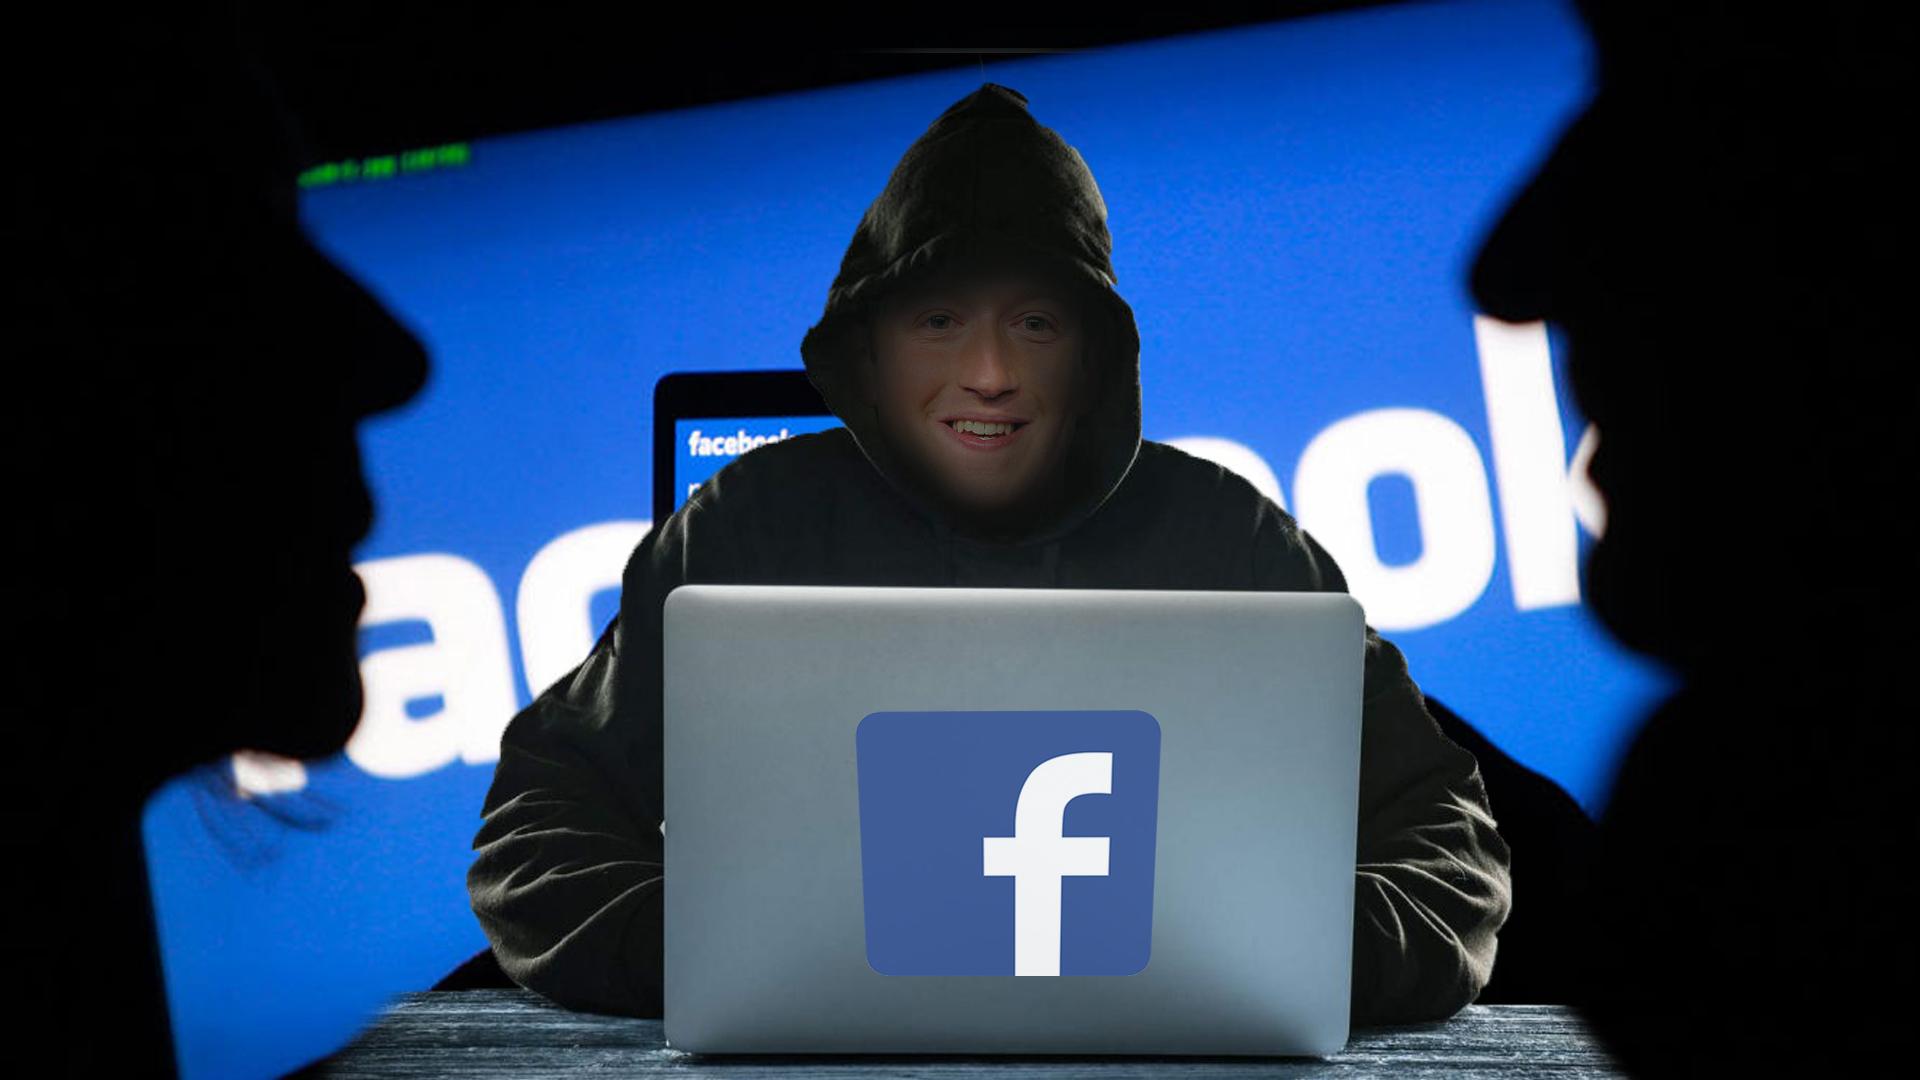 WhatsApp официально заявил, что будет сливать Facebook данные пользователей